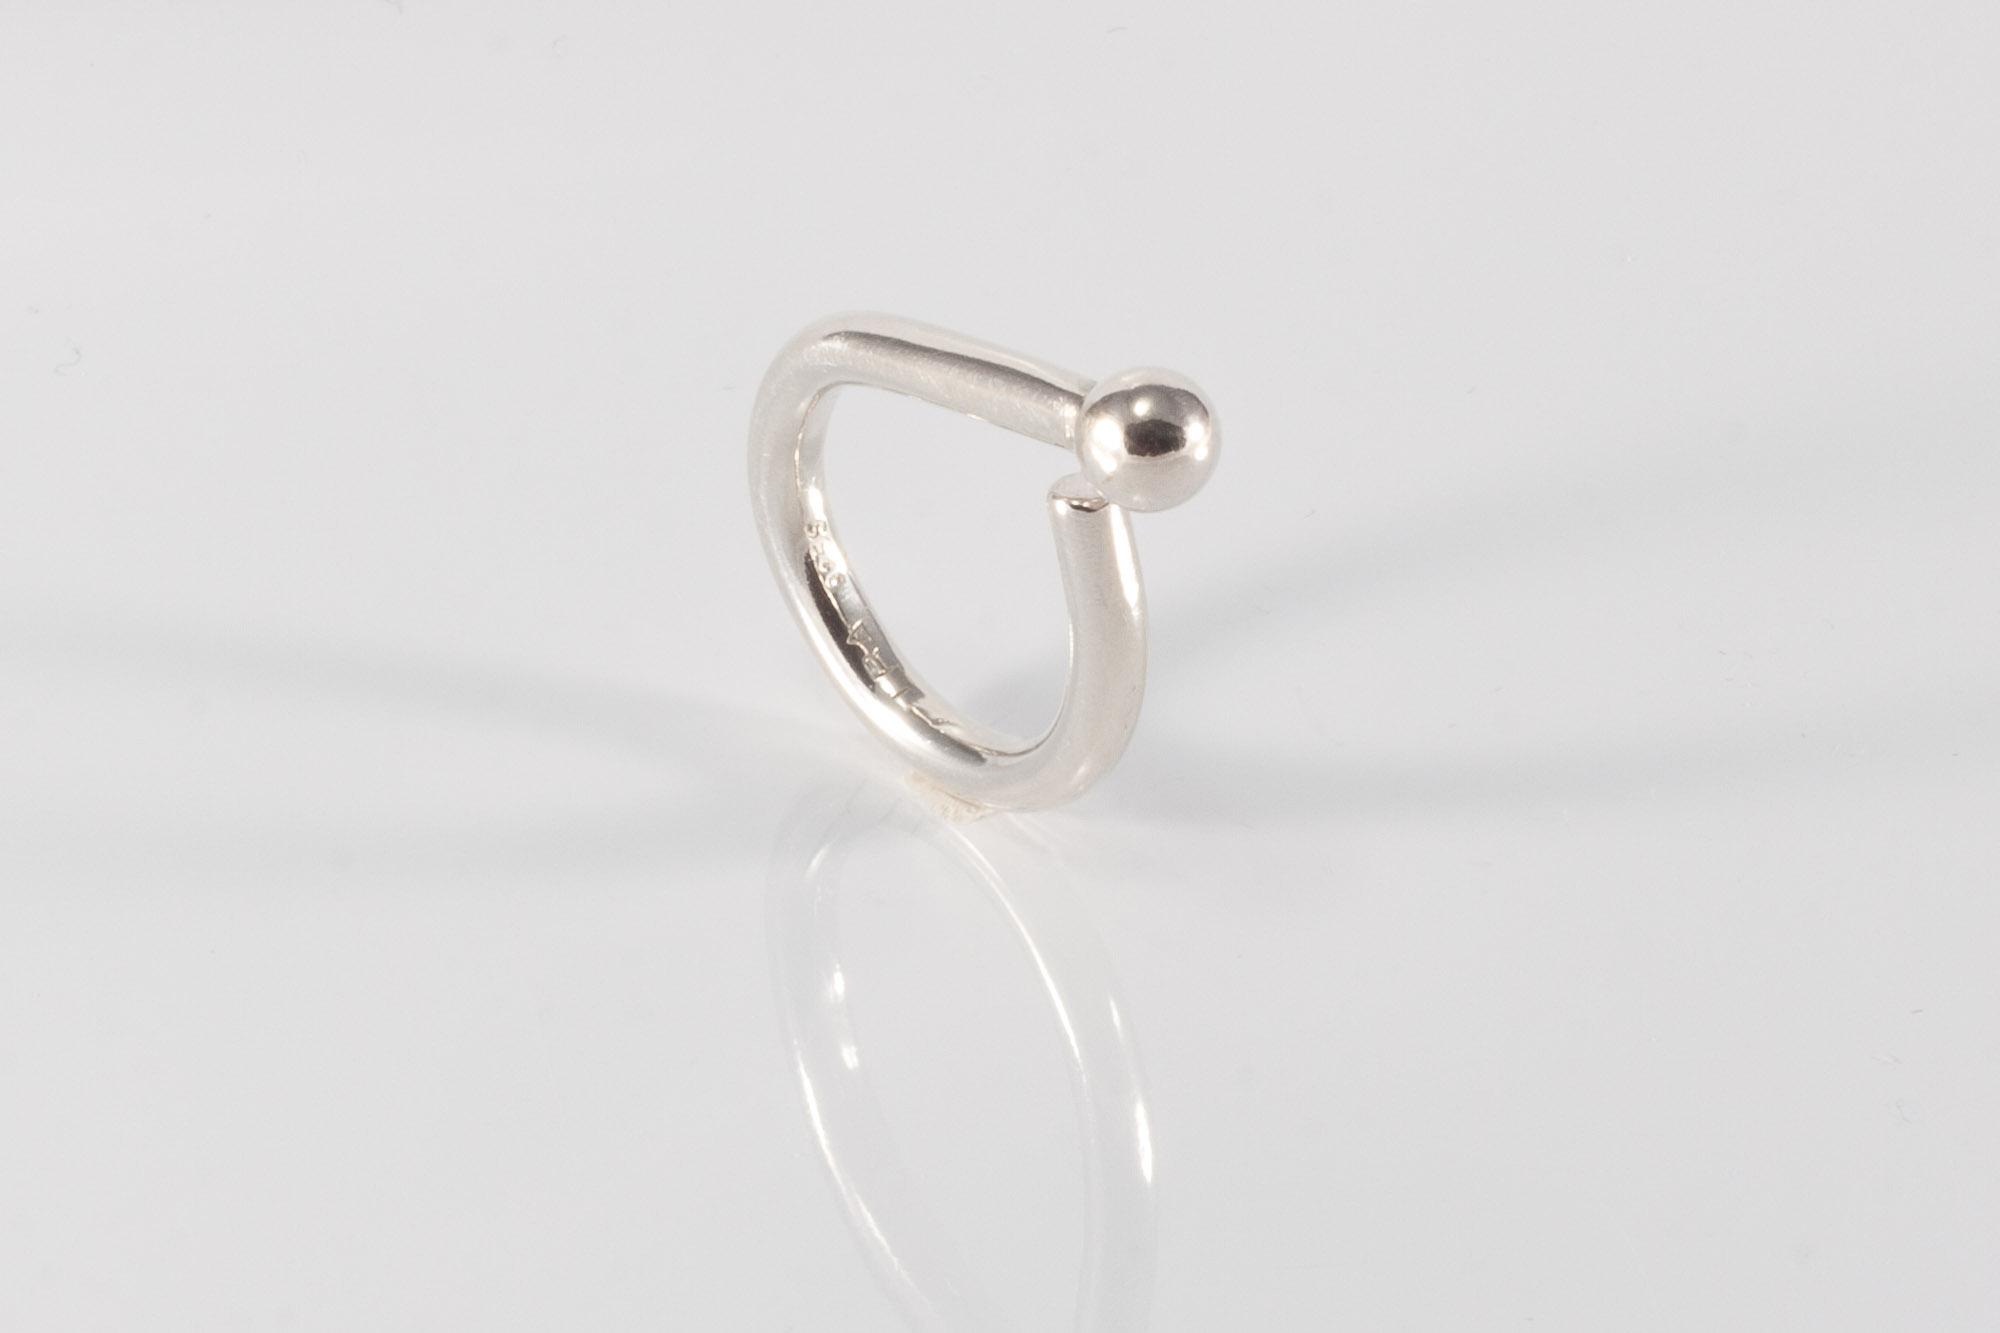 Kr. 850. Ring med en enkelt sølvkugle